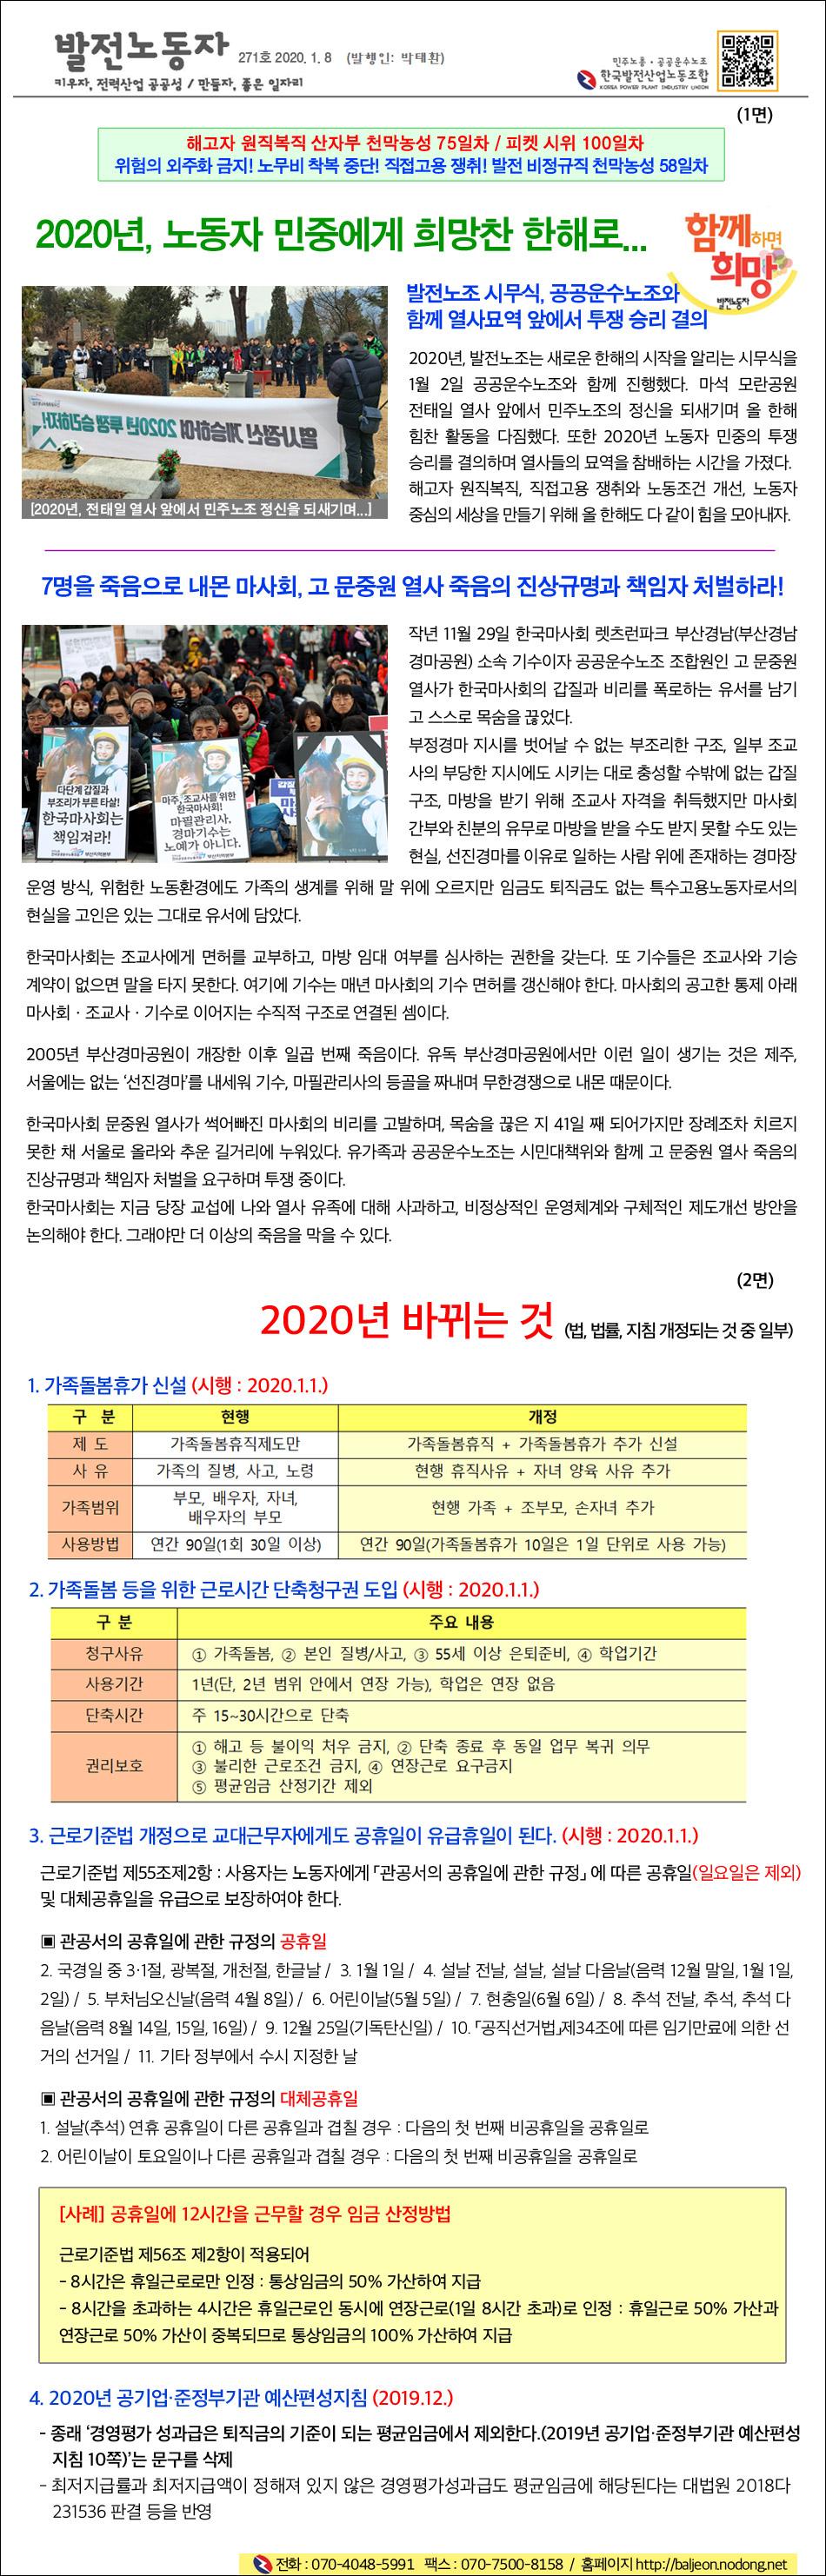 발전노동자271호_20200108.jpg